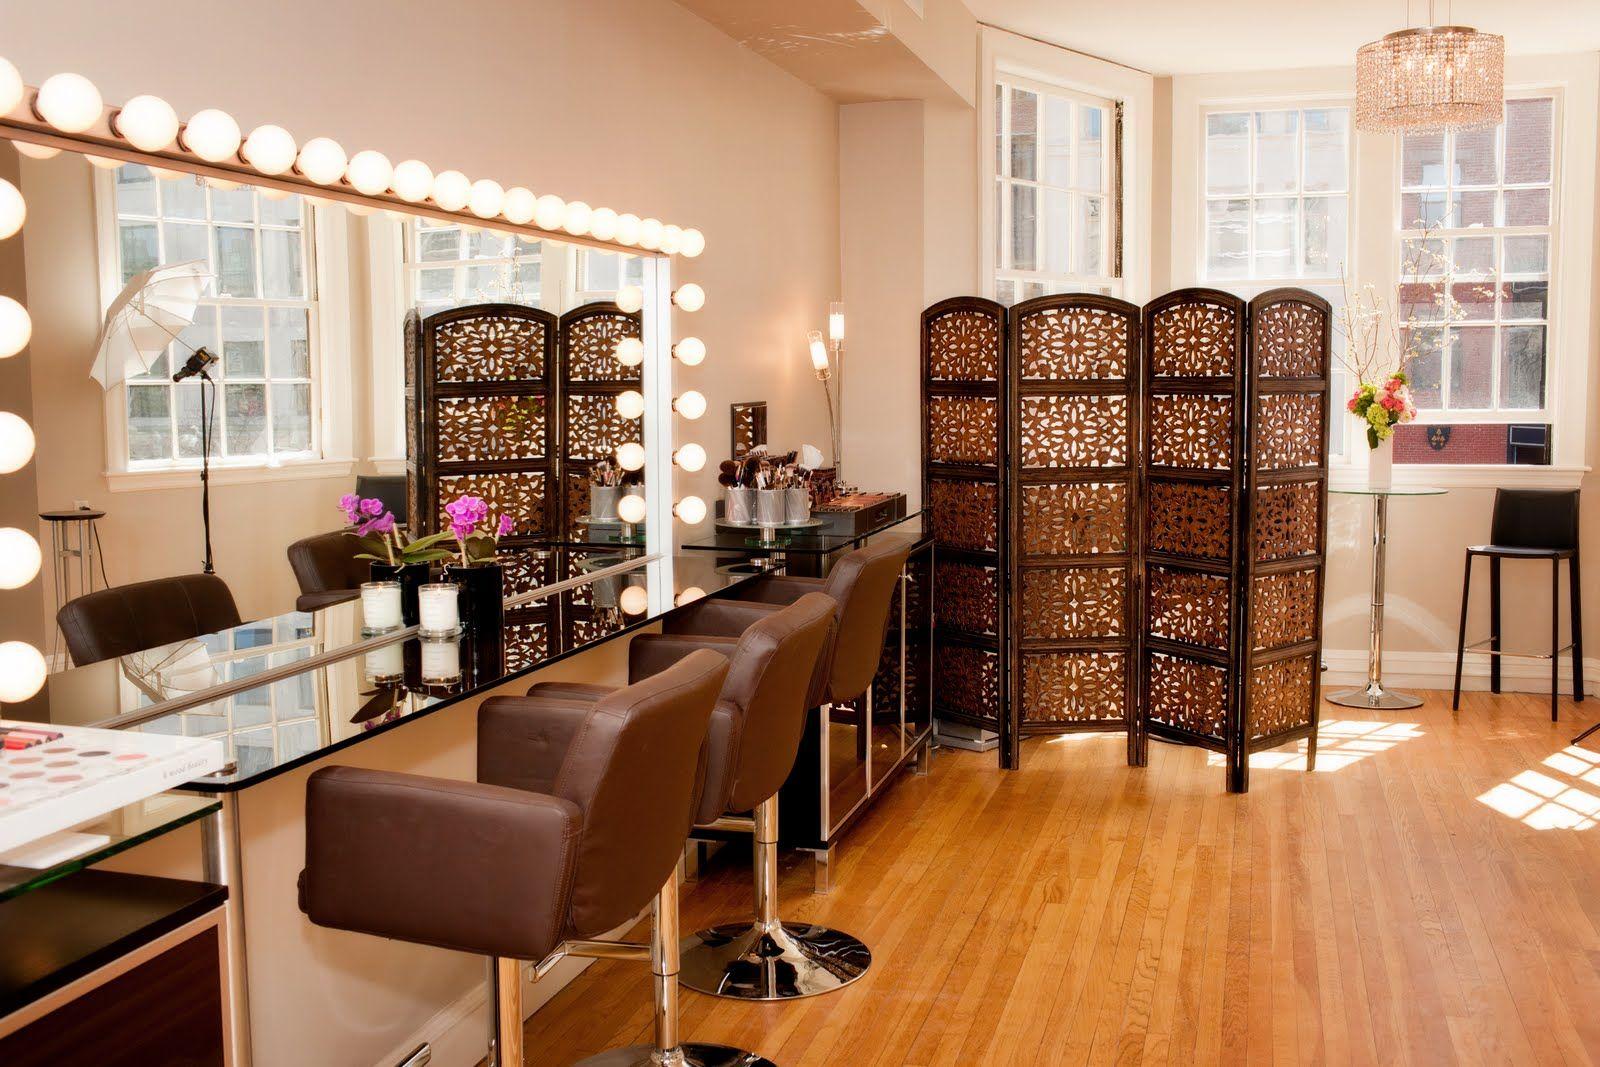 Home Makeup Studio Google Search Makeup Studio Beauty Room Room